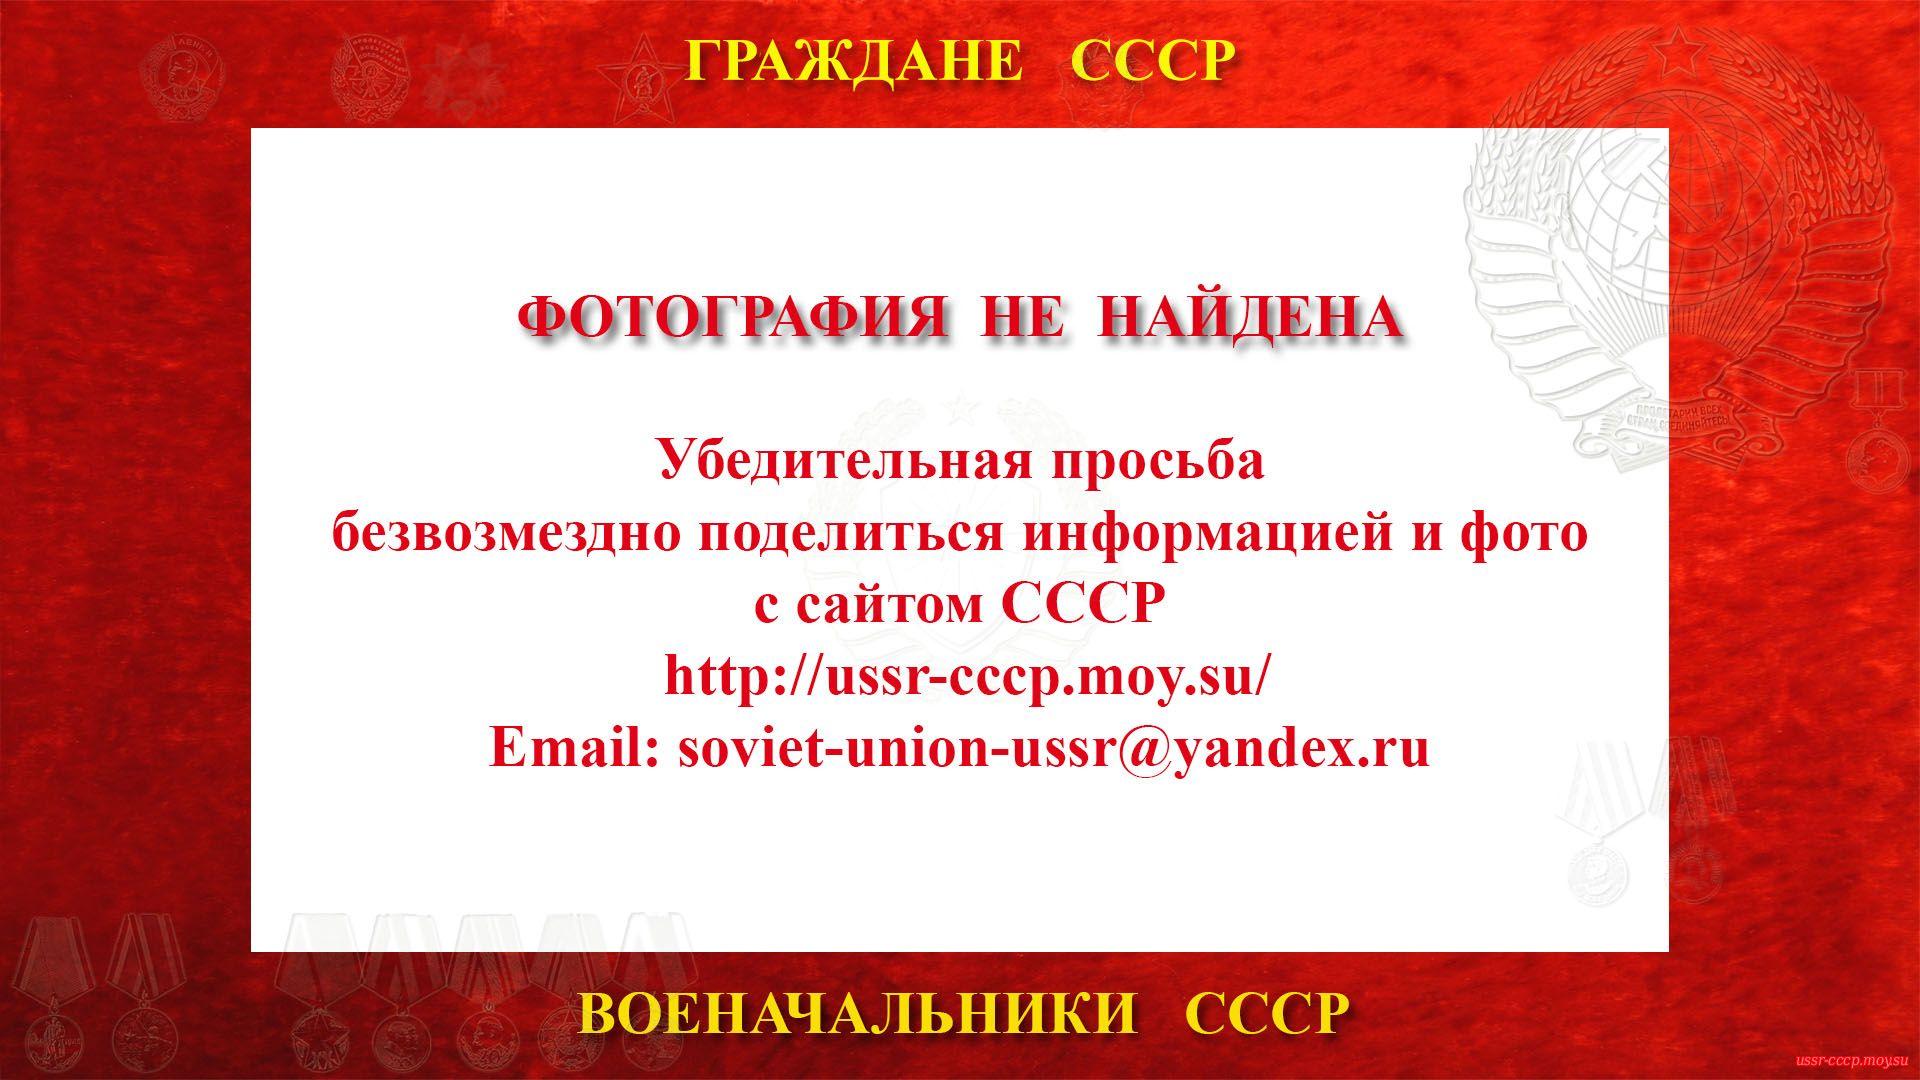 Денисин Аркадий Зиновьевич— Советский военачальник СССР — Полковник СССР (13.11.1903 — 28.11.1979)